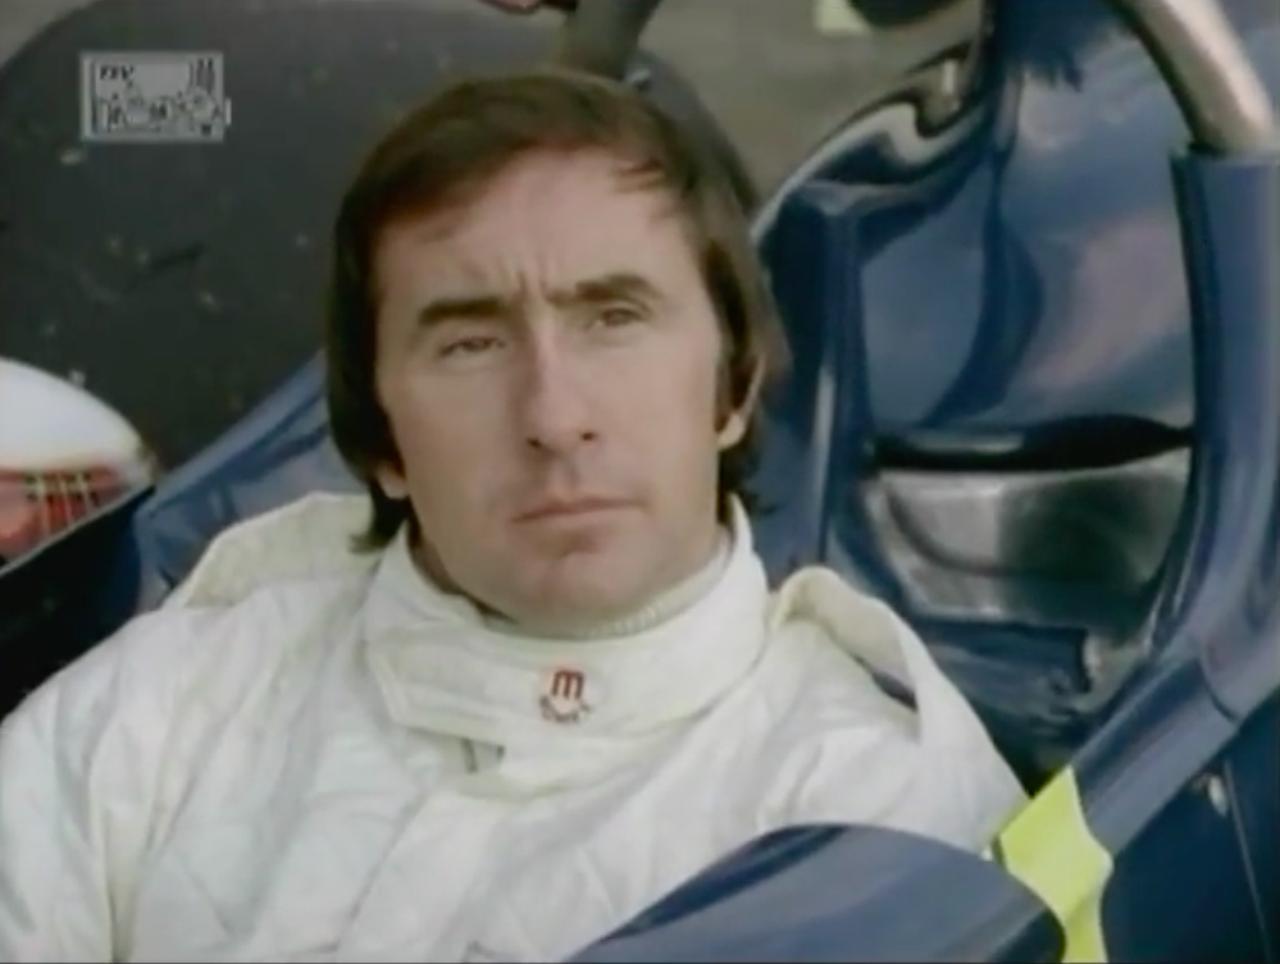 画像: P34の印象を語るスチュワート。インタビュアーの「F1への復帰は?」という質問には、「ないない(笑)」と笑顔で答えていました。 www.youtube.com